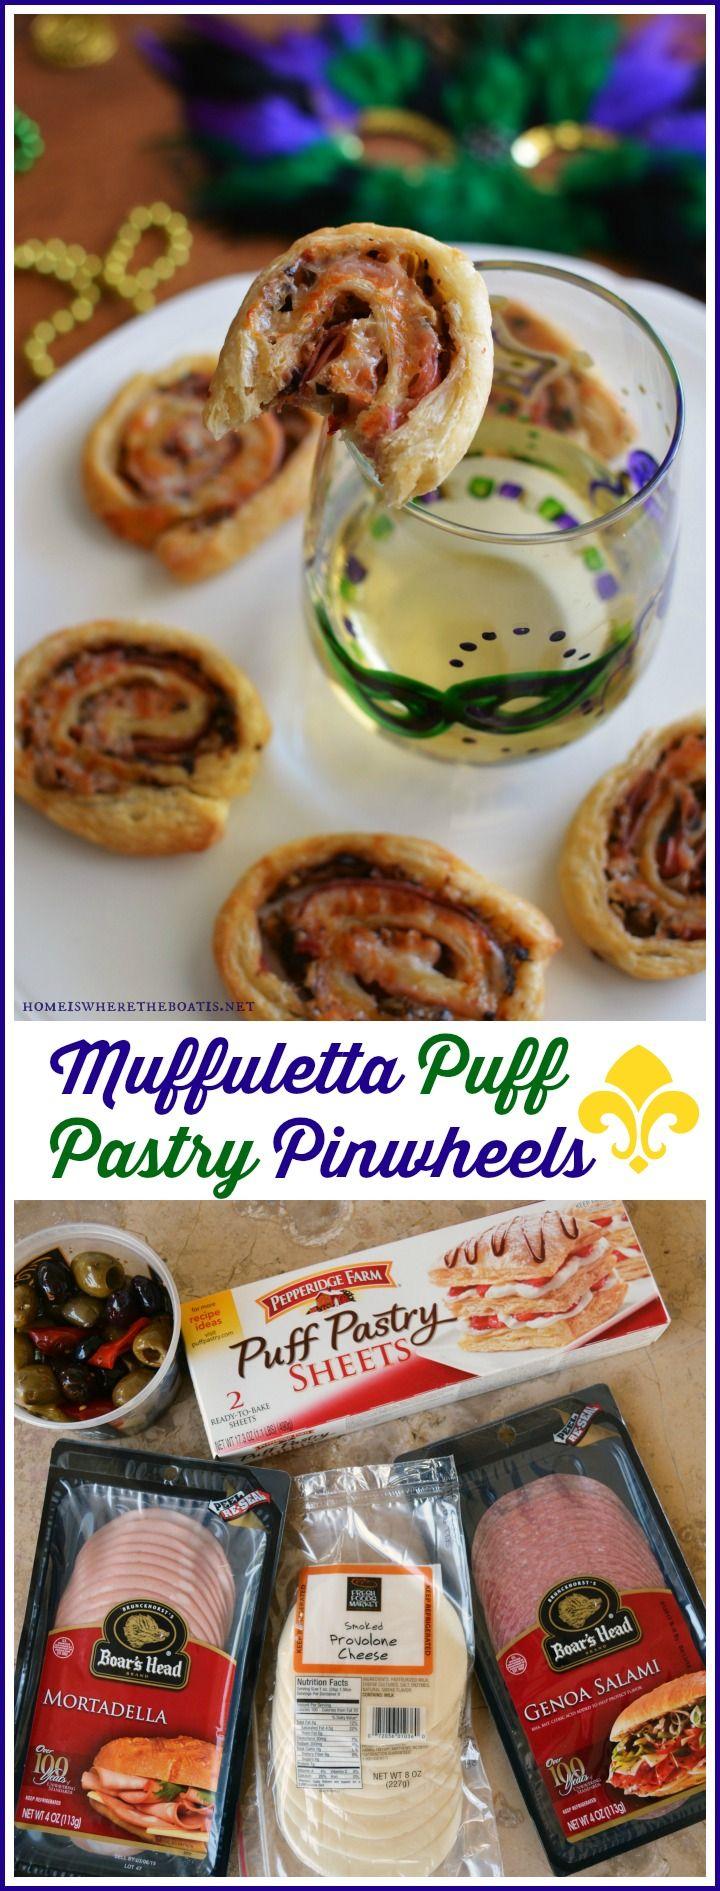 muffuletta-puff-pastry-pinwheels